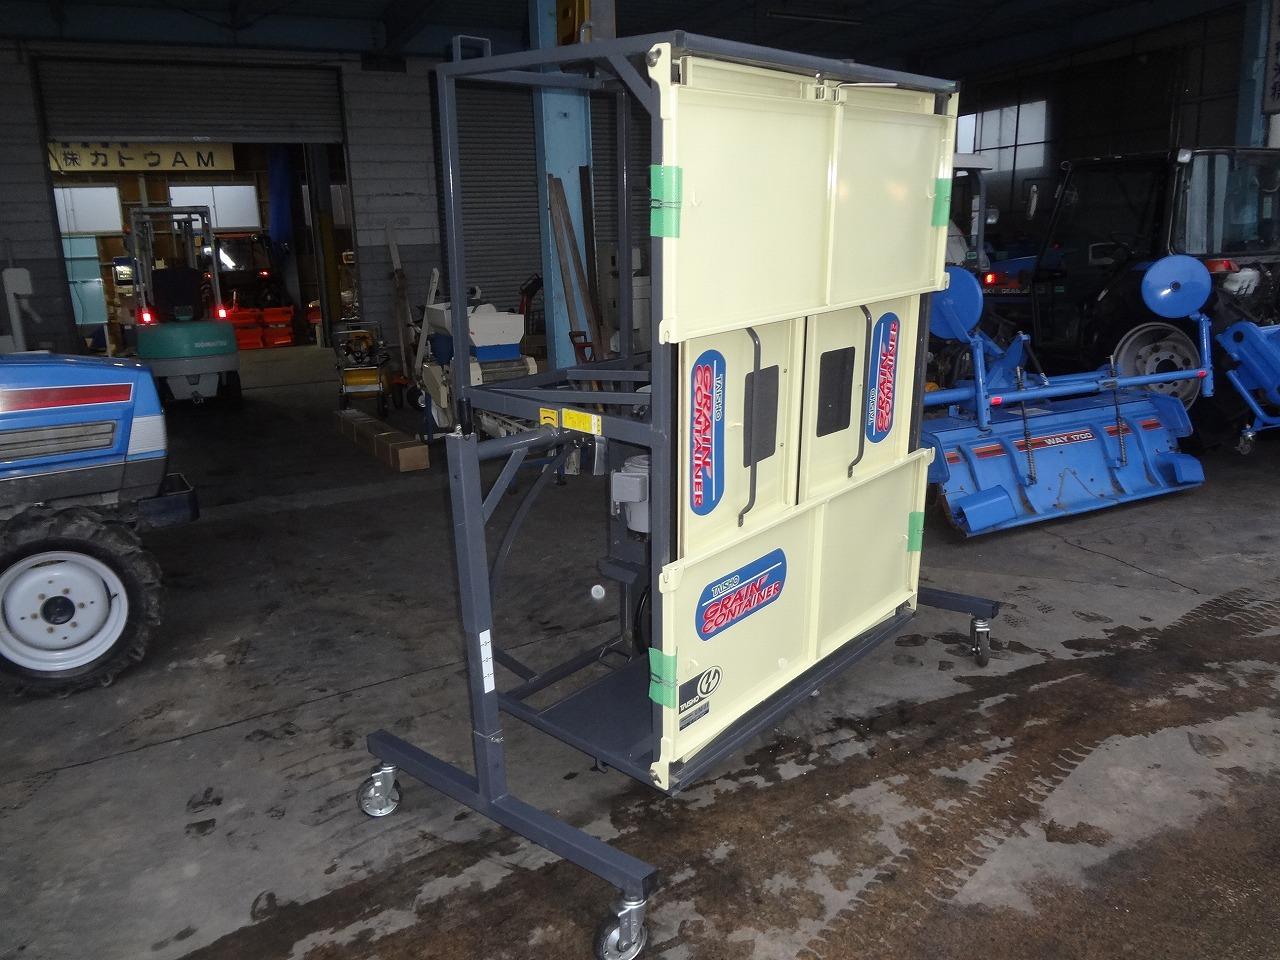 タイショー籾コンテナUM11 1反用軽トラ用 3mバネコン 回転スタンド付